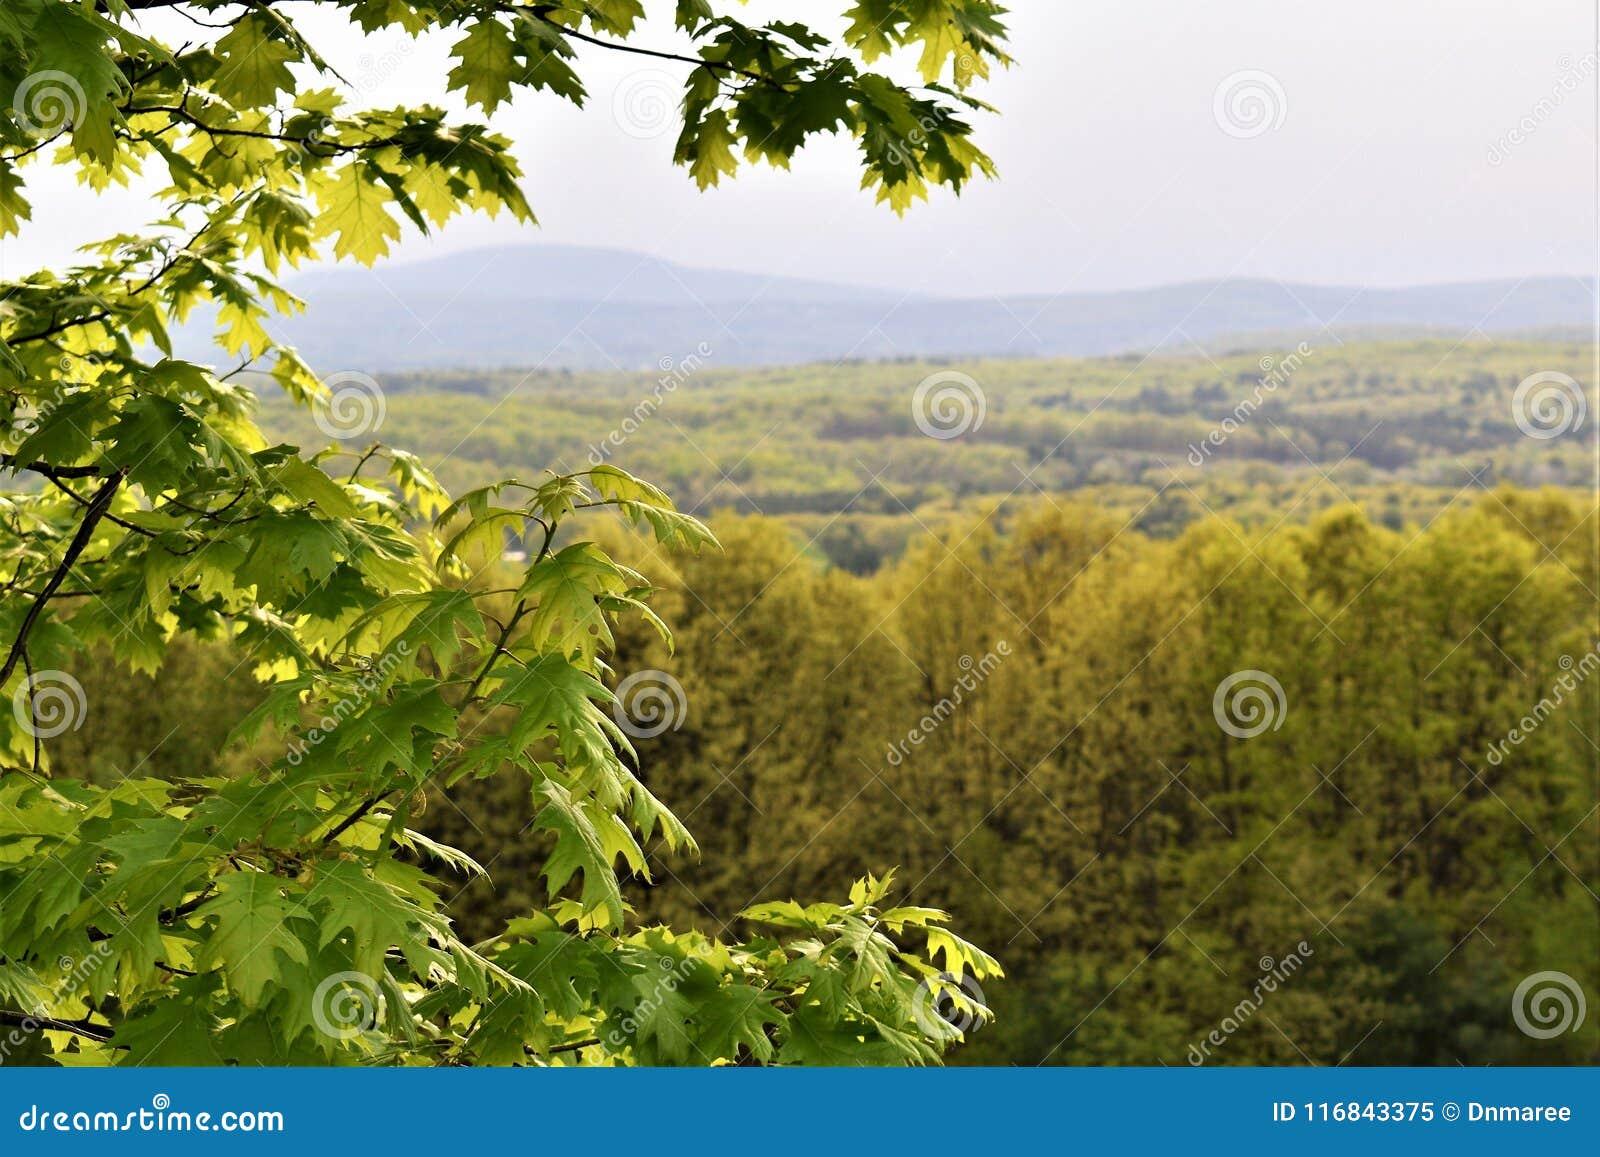 Φυσική άποψη του εθνικού Wildlfe καταφυγίου Oxbow παίρνω από το Χάρβαρντ, Μασαχουσέτη, Ηνωμένες Πολιτείες